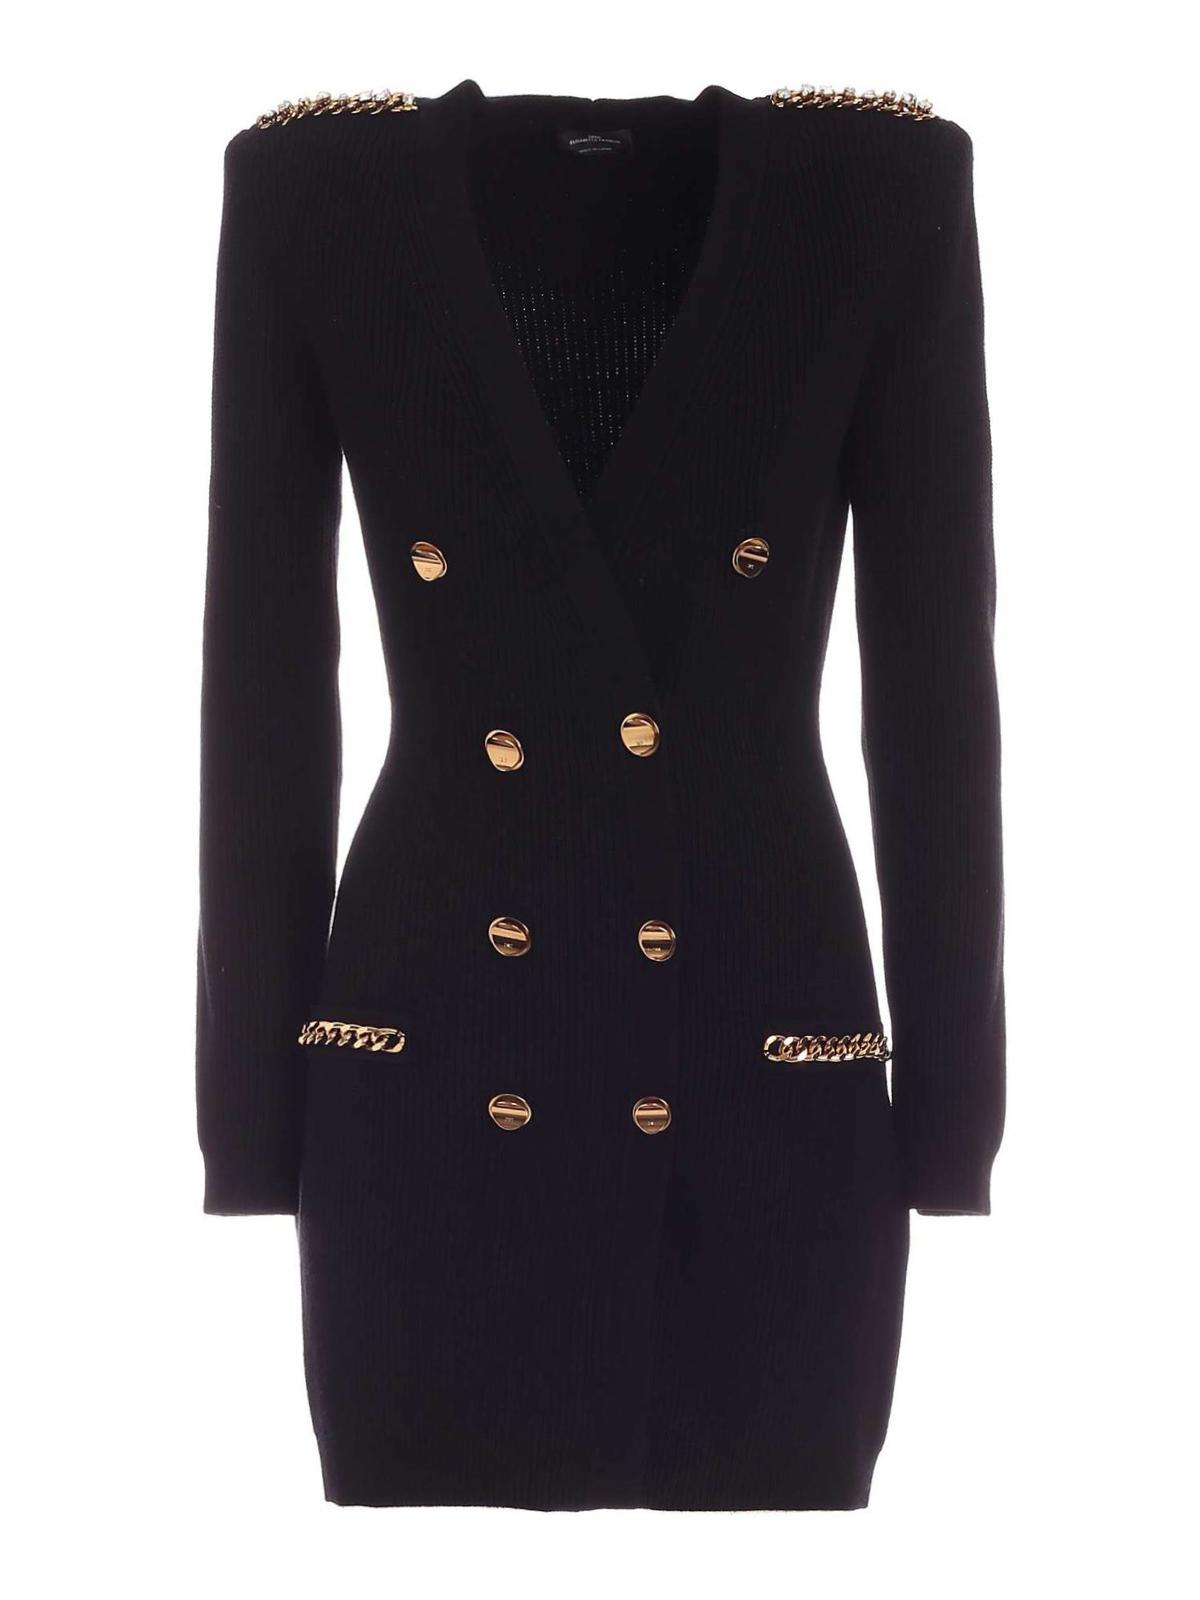 Short black knit dress with gold buttons ELISABETTA FRANCHI | Dresses | AM24S06E2110